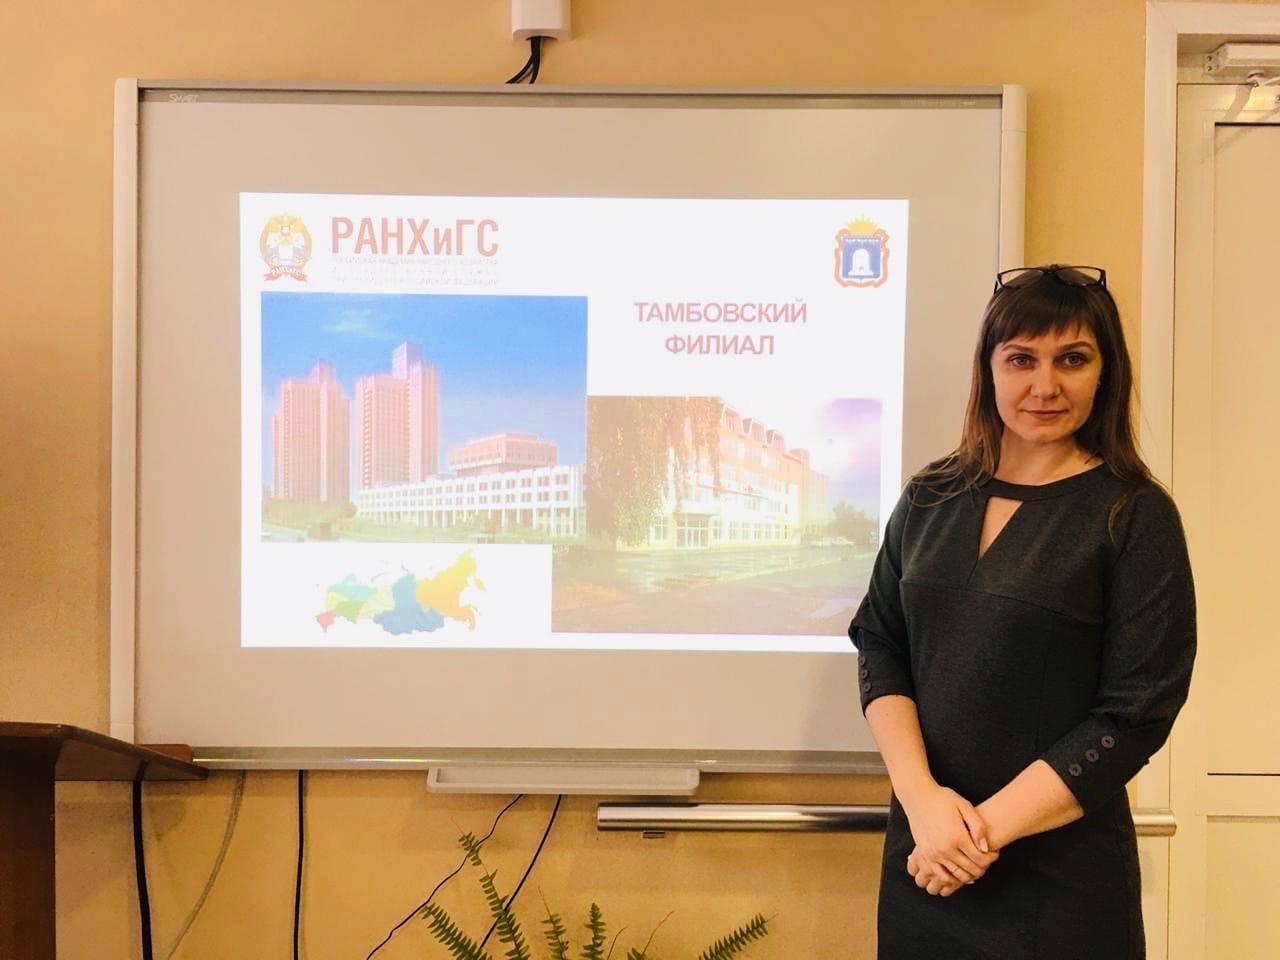 Тамбовский филиал РАНХиГС провел выездной день открытых дверей